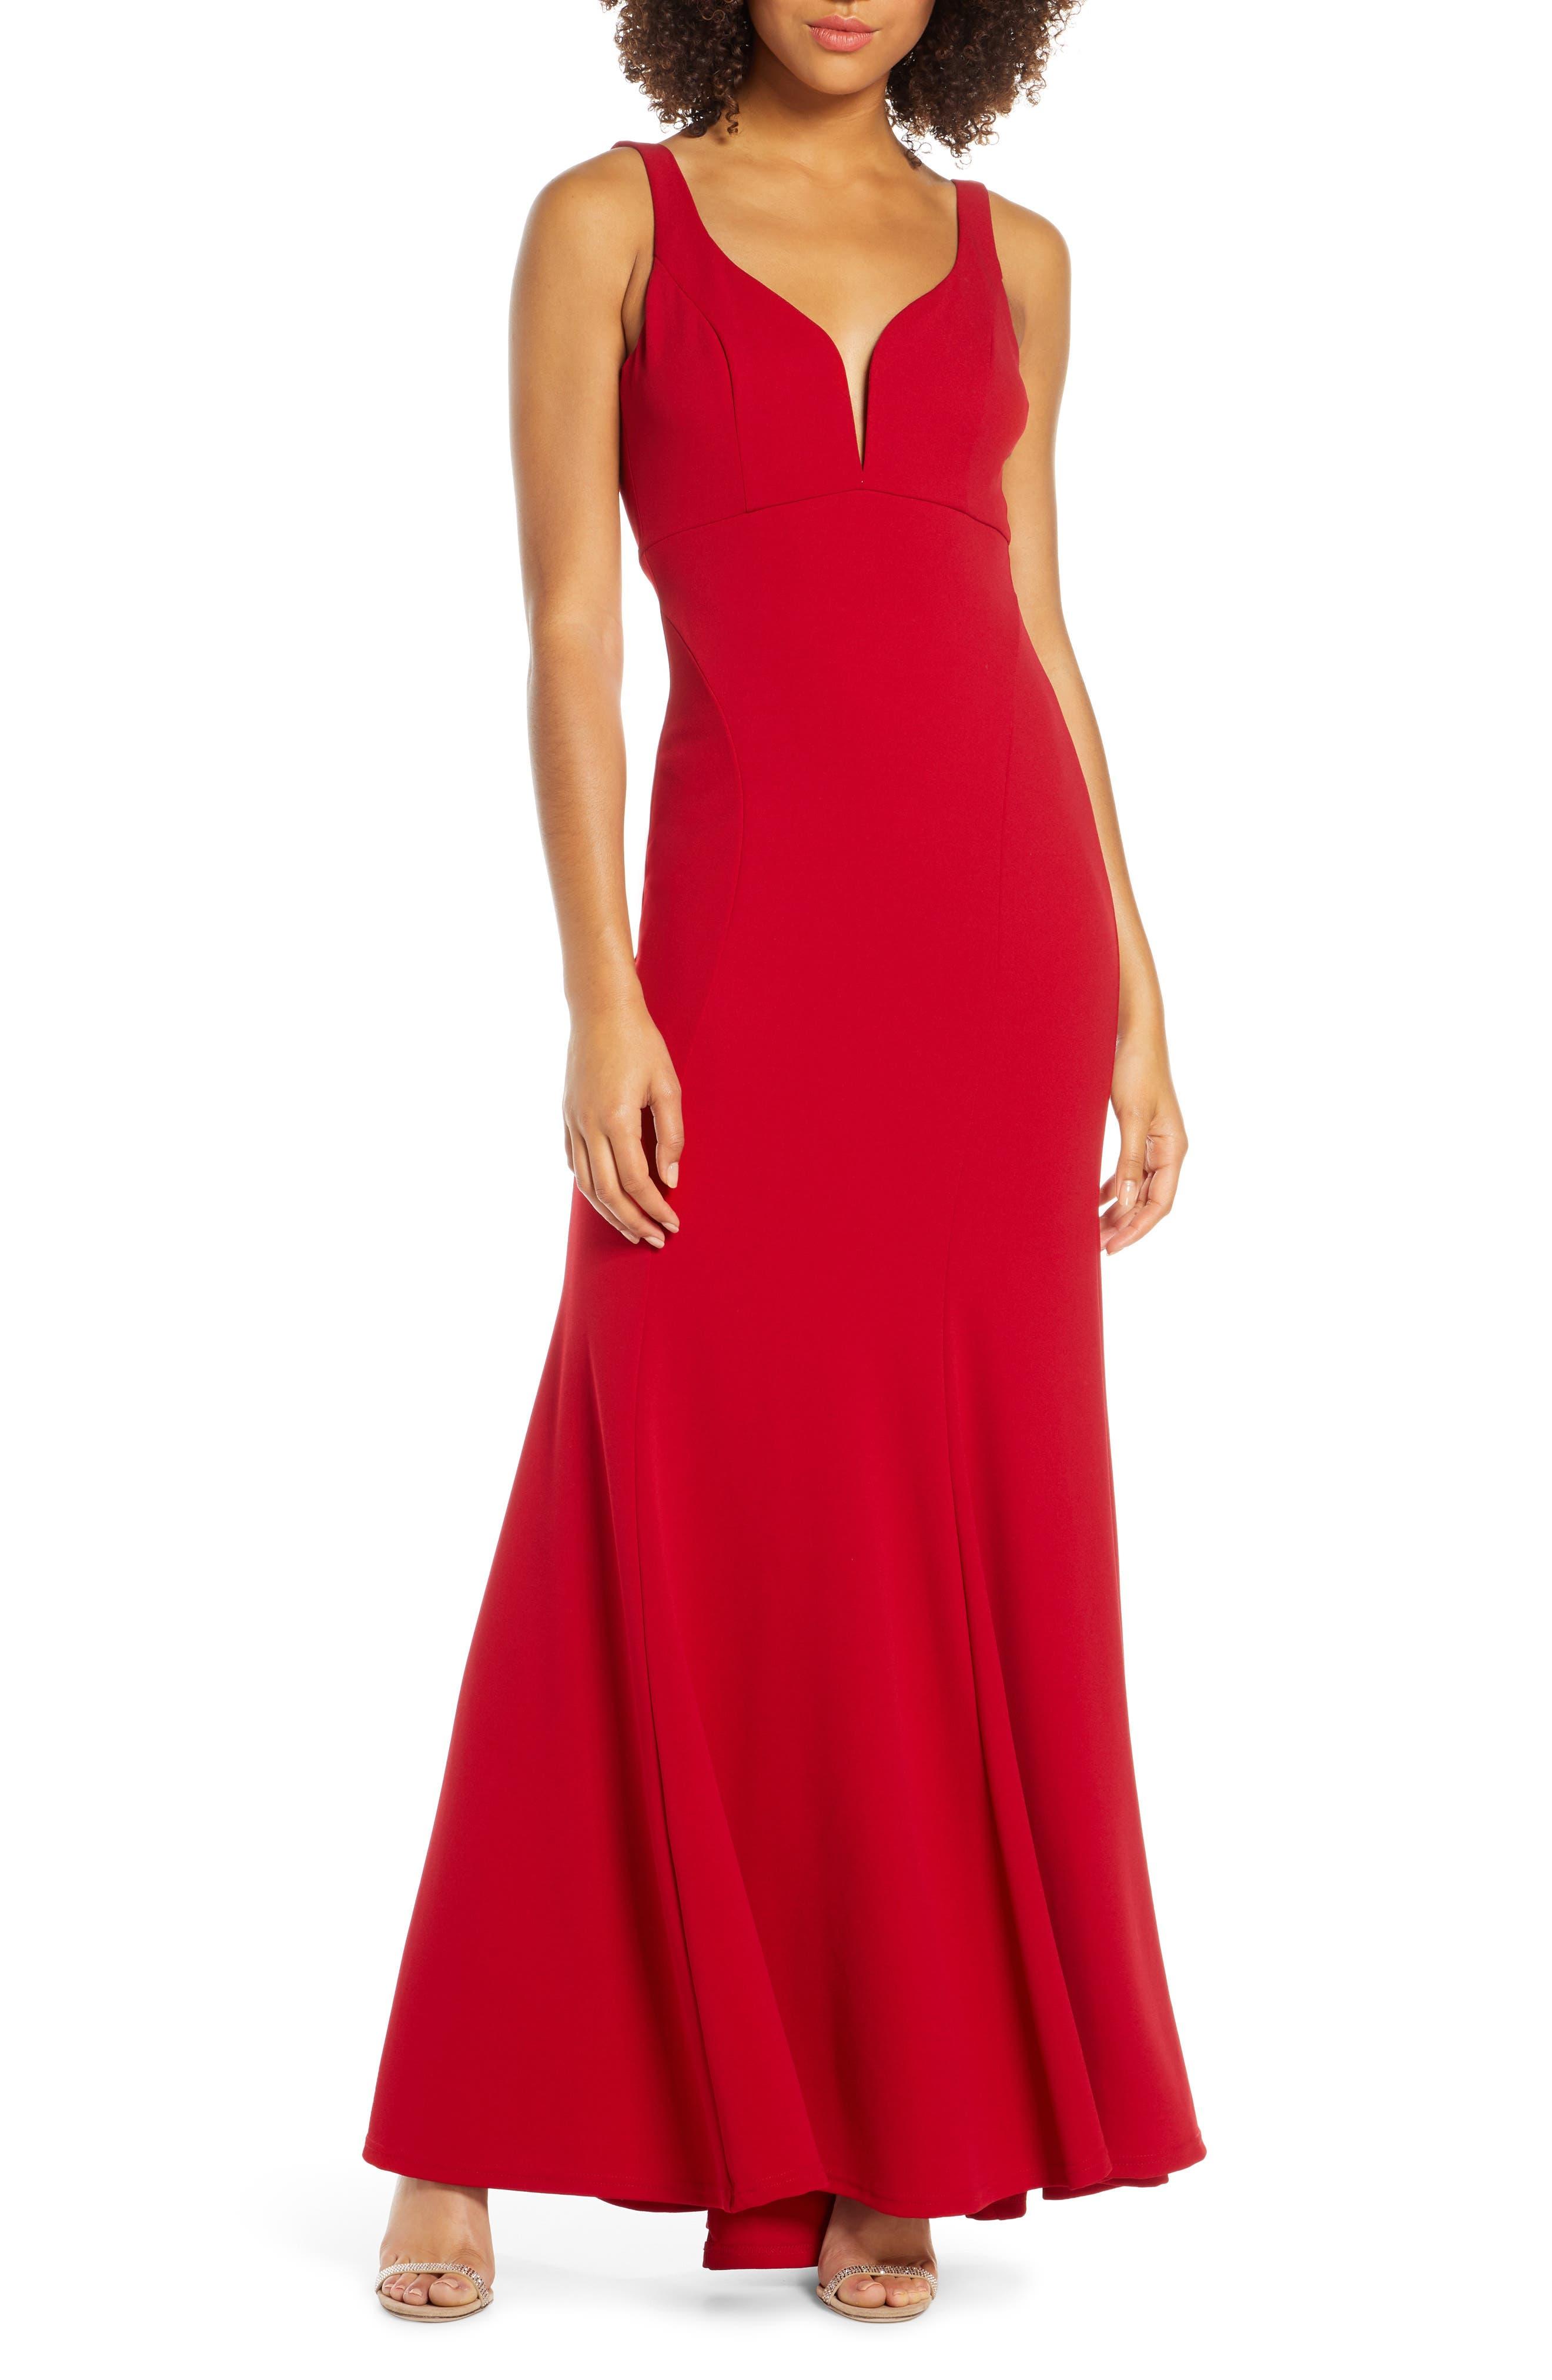 Lulus Aperitif Crepe Mermaid Gown, Red